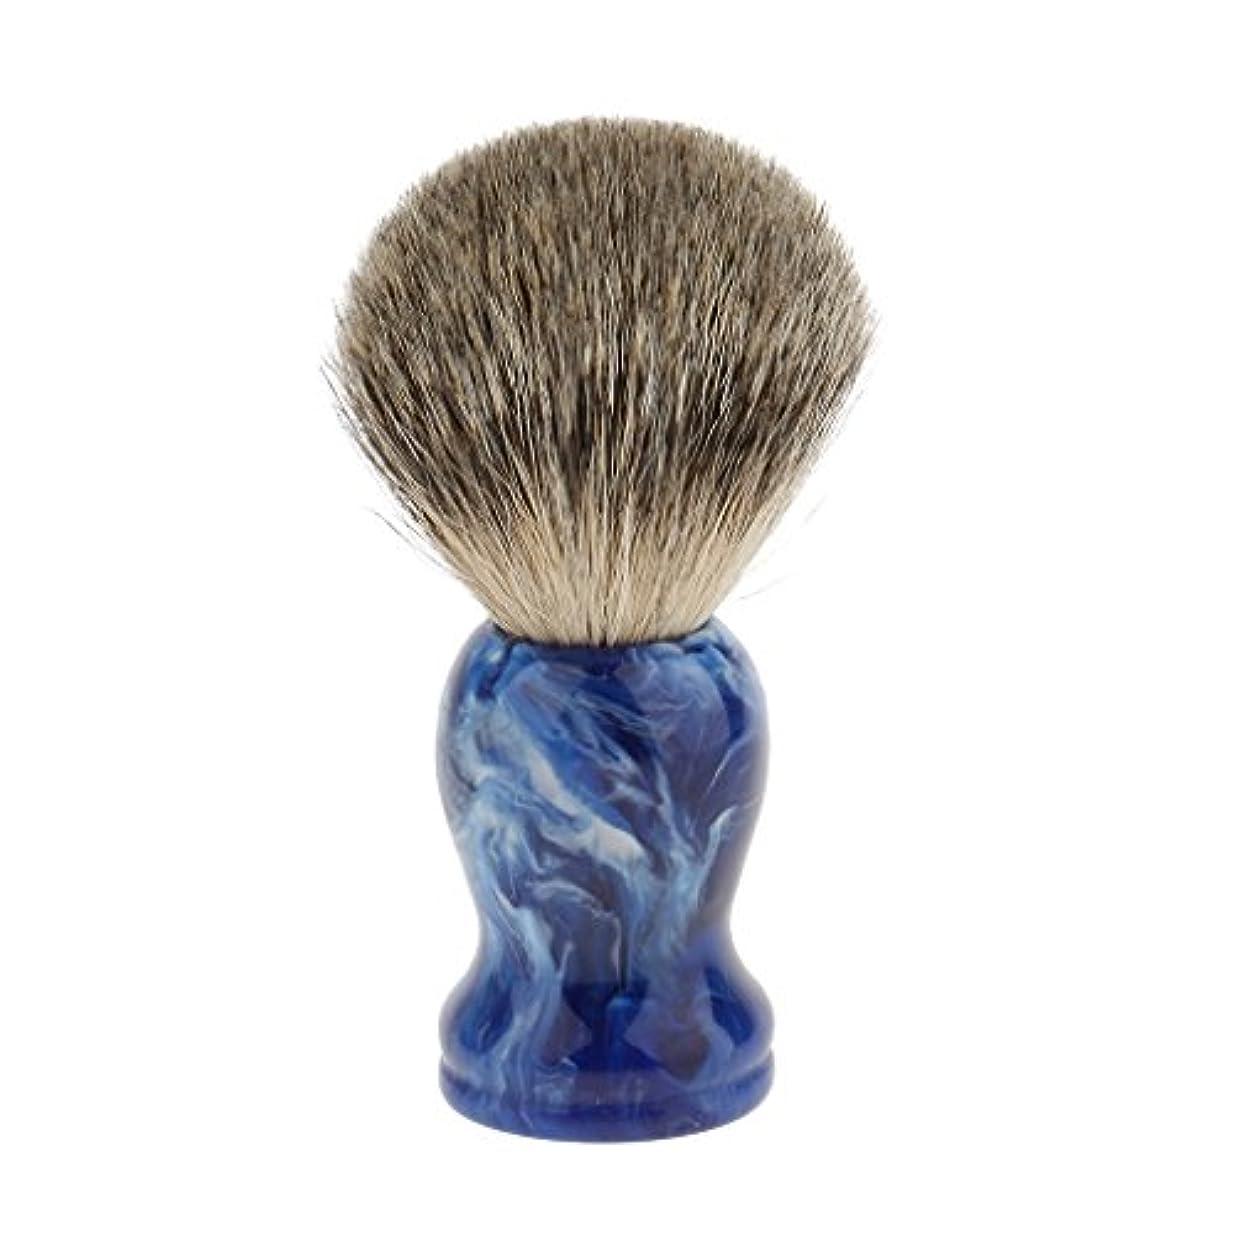 したい花エラーシェービングブラシ ひげブラシ 理容 洗顔 髭剃り 泡立ち 樹脂ハンドル 高密度 ブラシヘッド